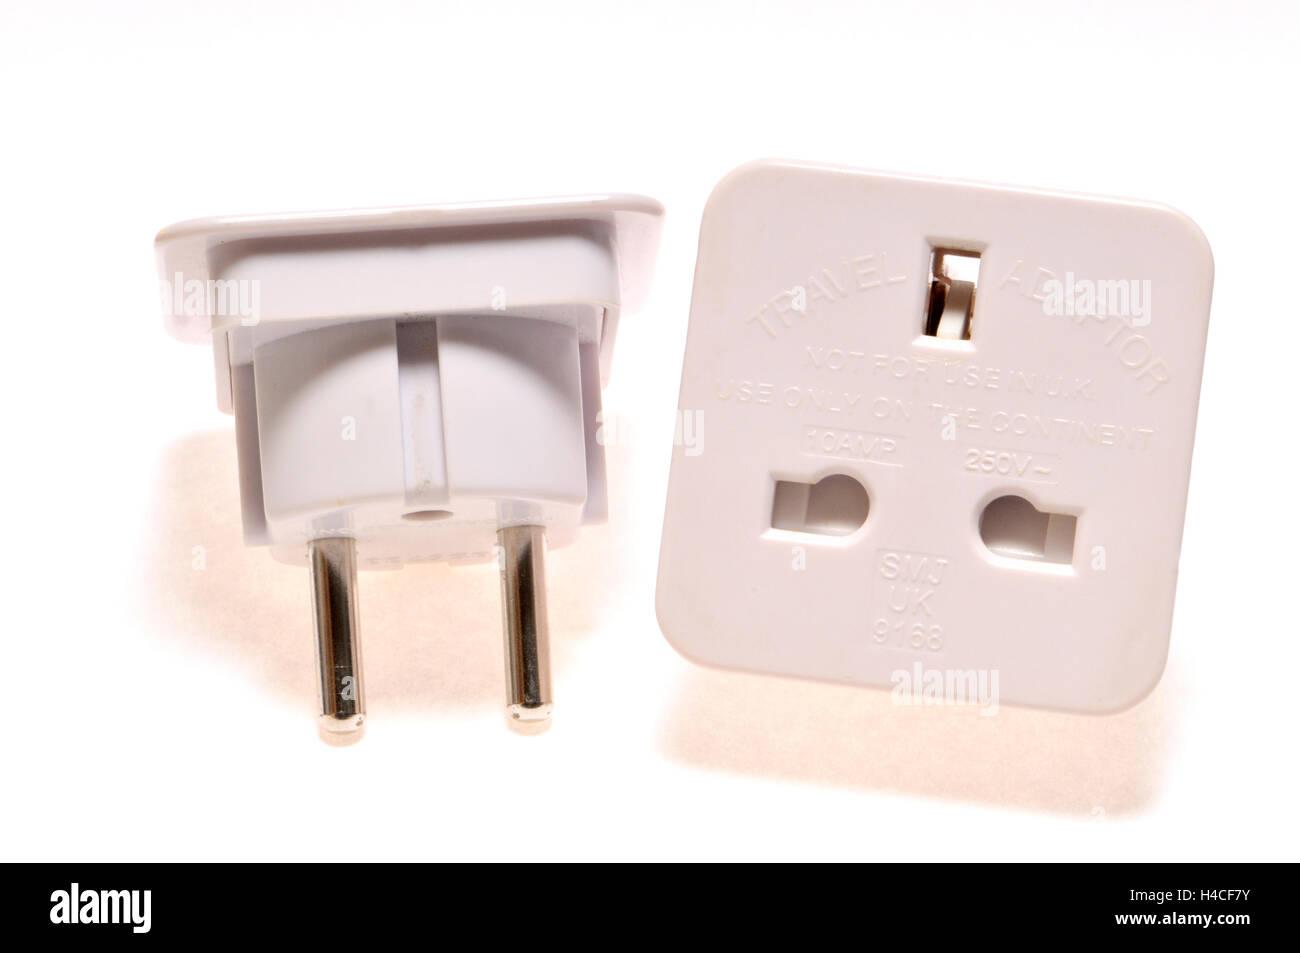 Reise Stecker Adapter - für die Verwendung von drei Pin-UK-Stecker in einen europäischen zwei Pin-Sockel Stockbild